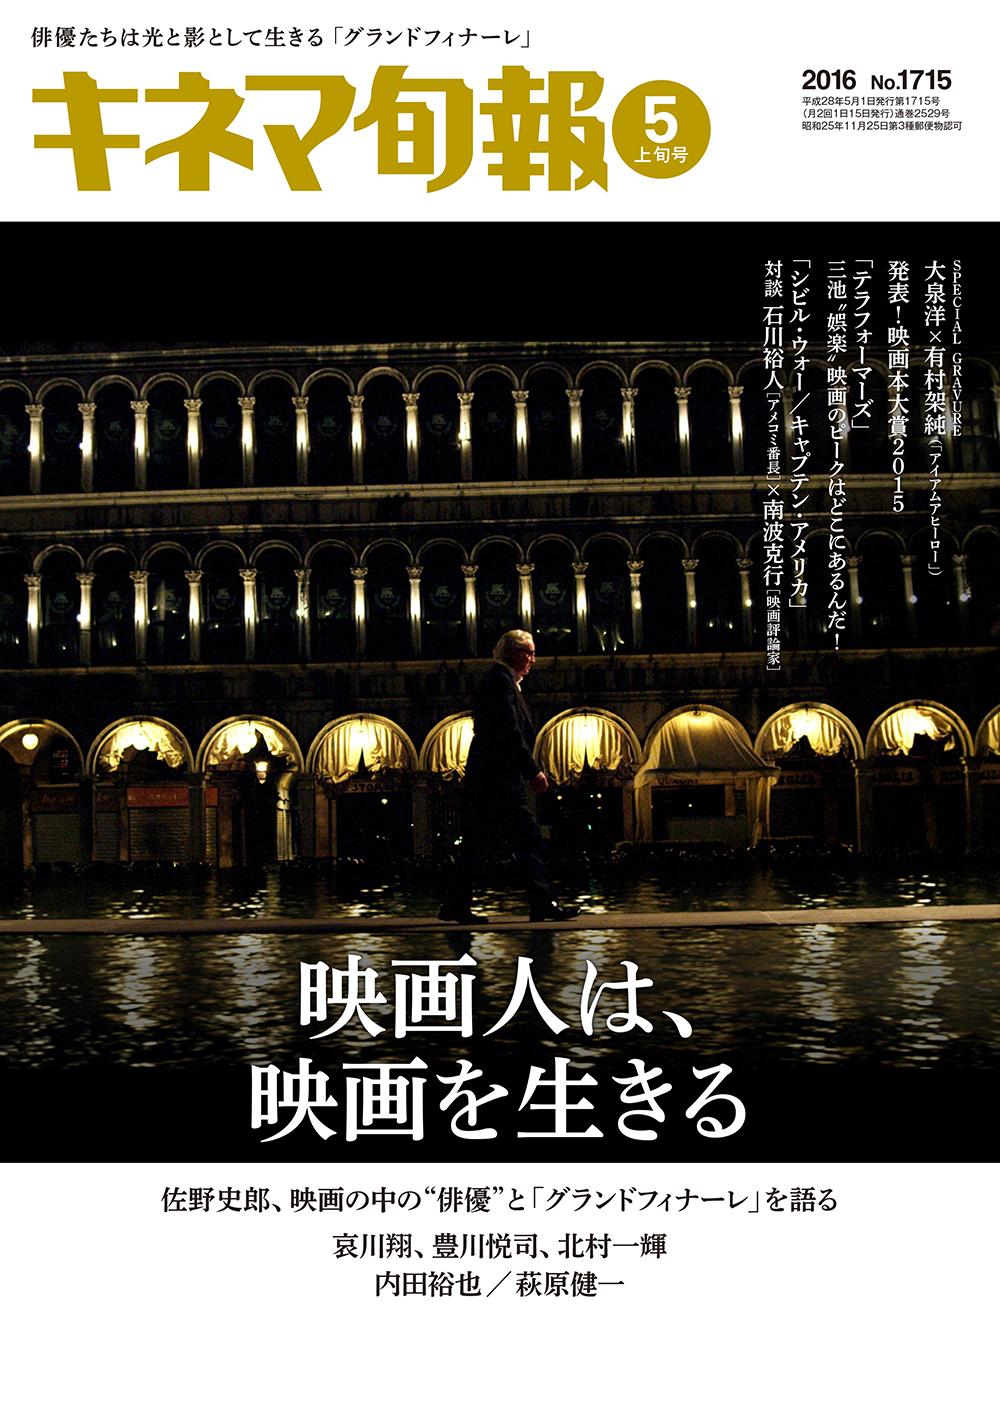 キネマ旬報 2016年5月上旬号(No.1715)